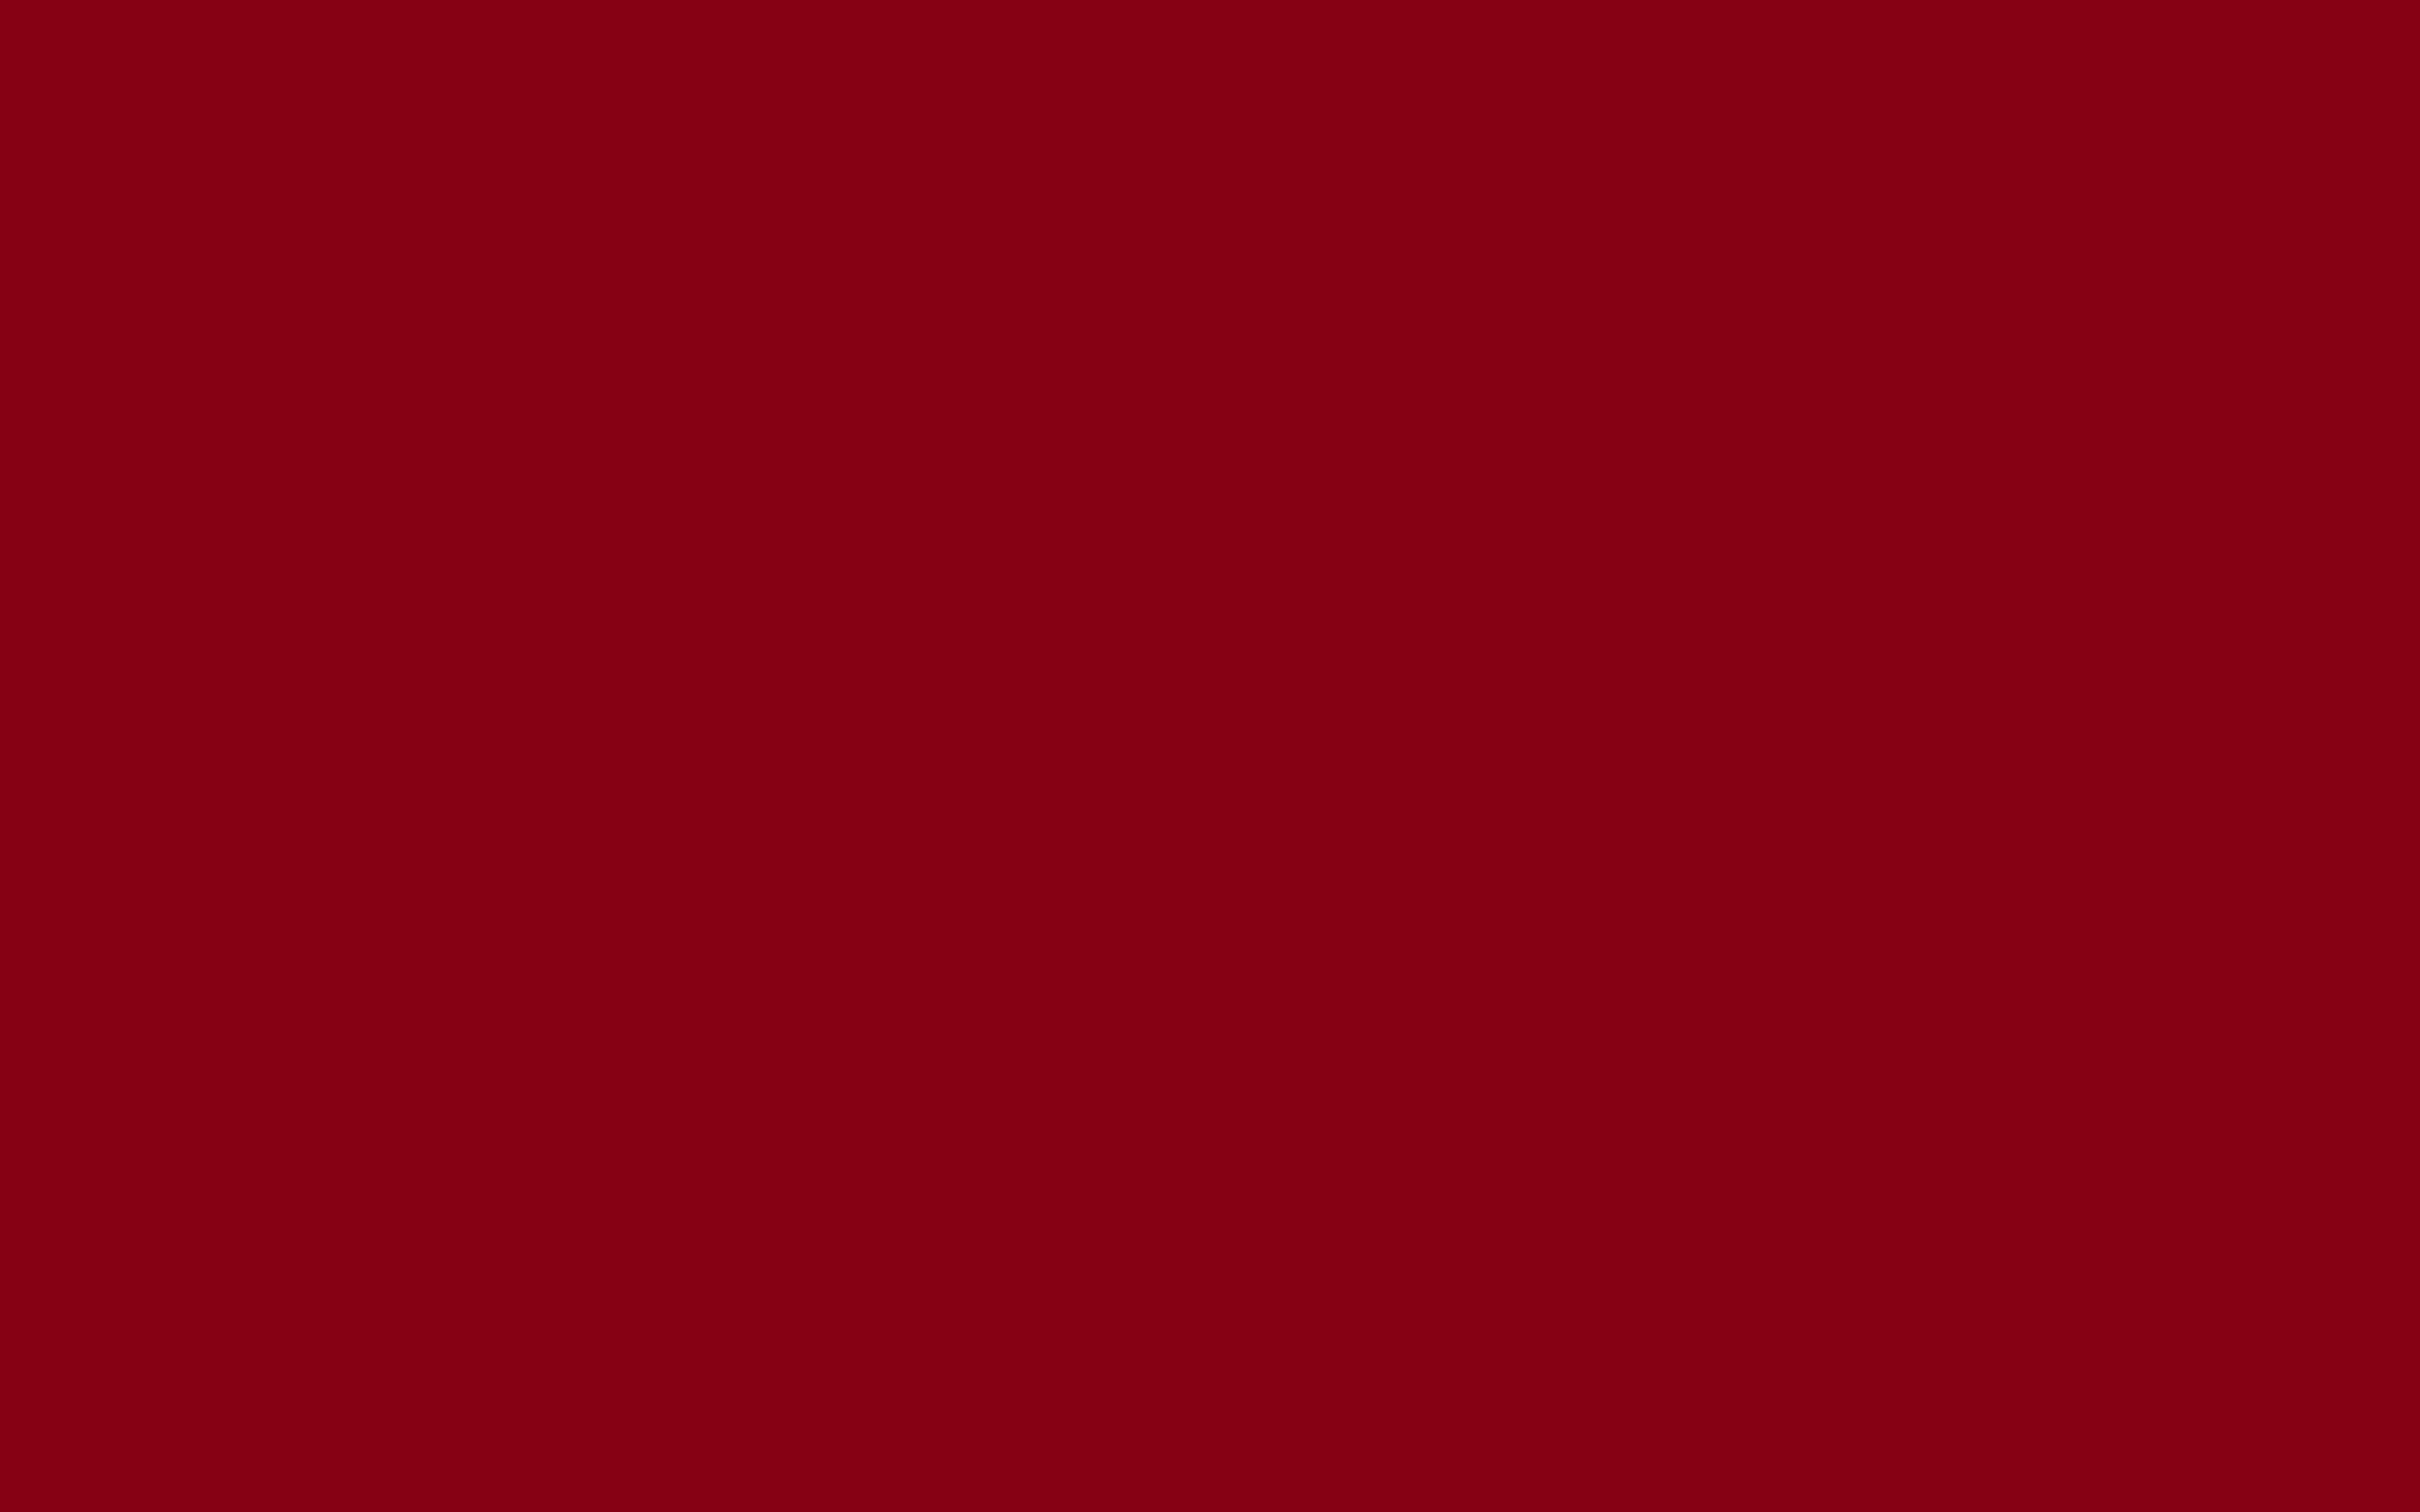 jpeg 63kB Background color solid red devil backgrounds images 2560x1600